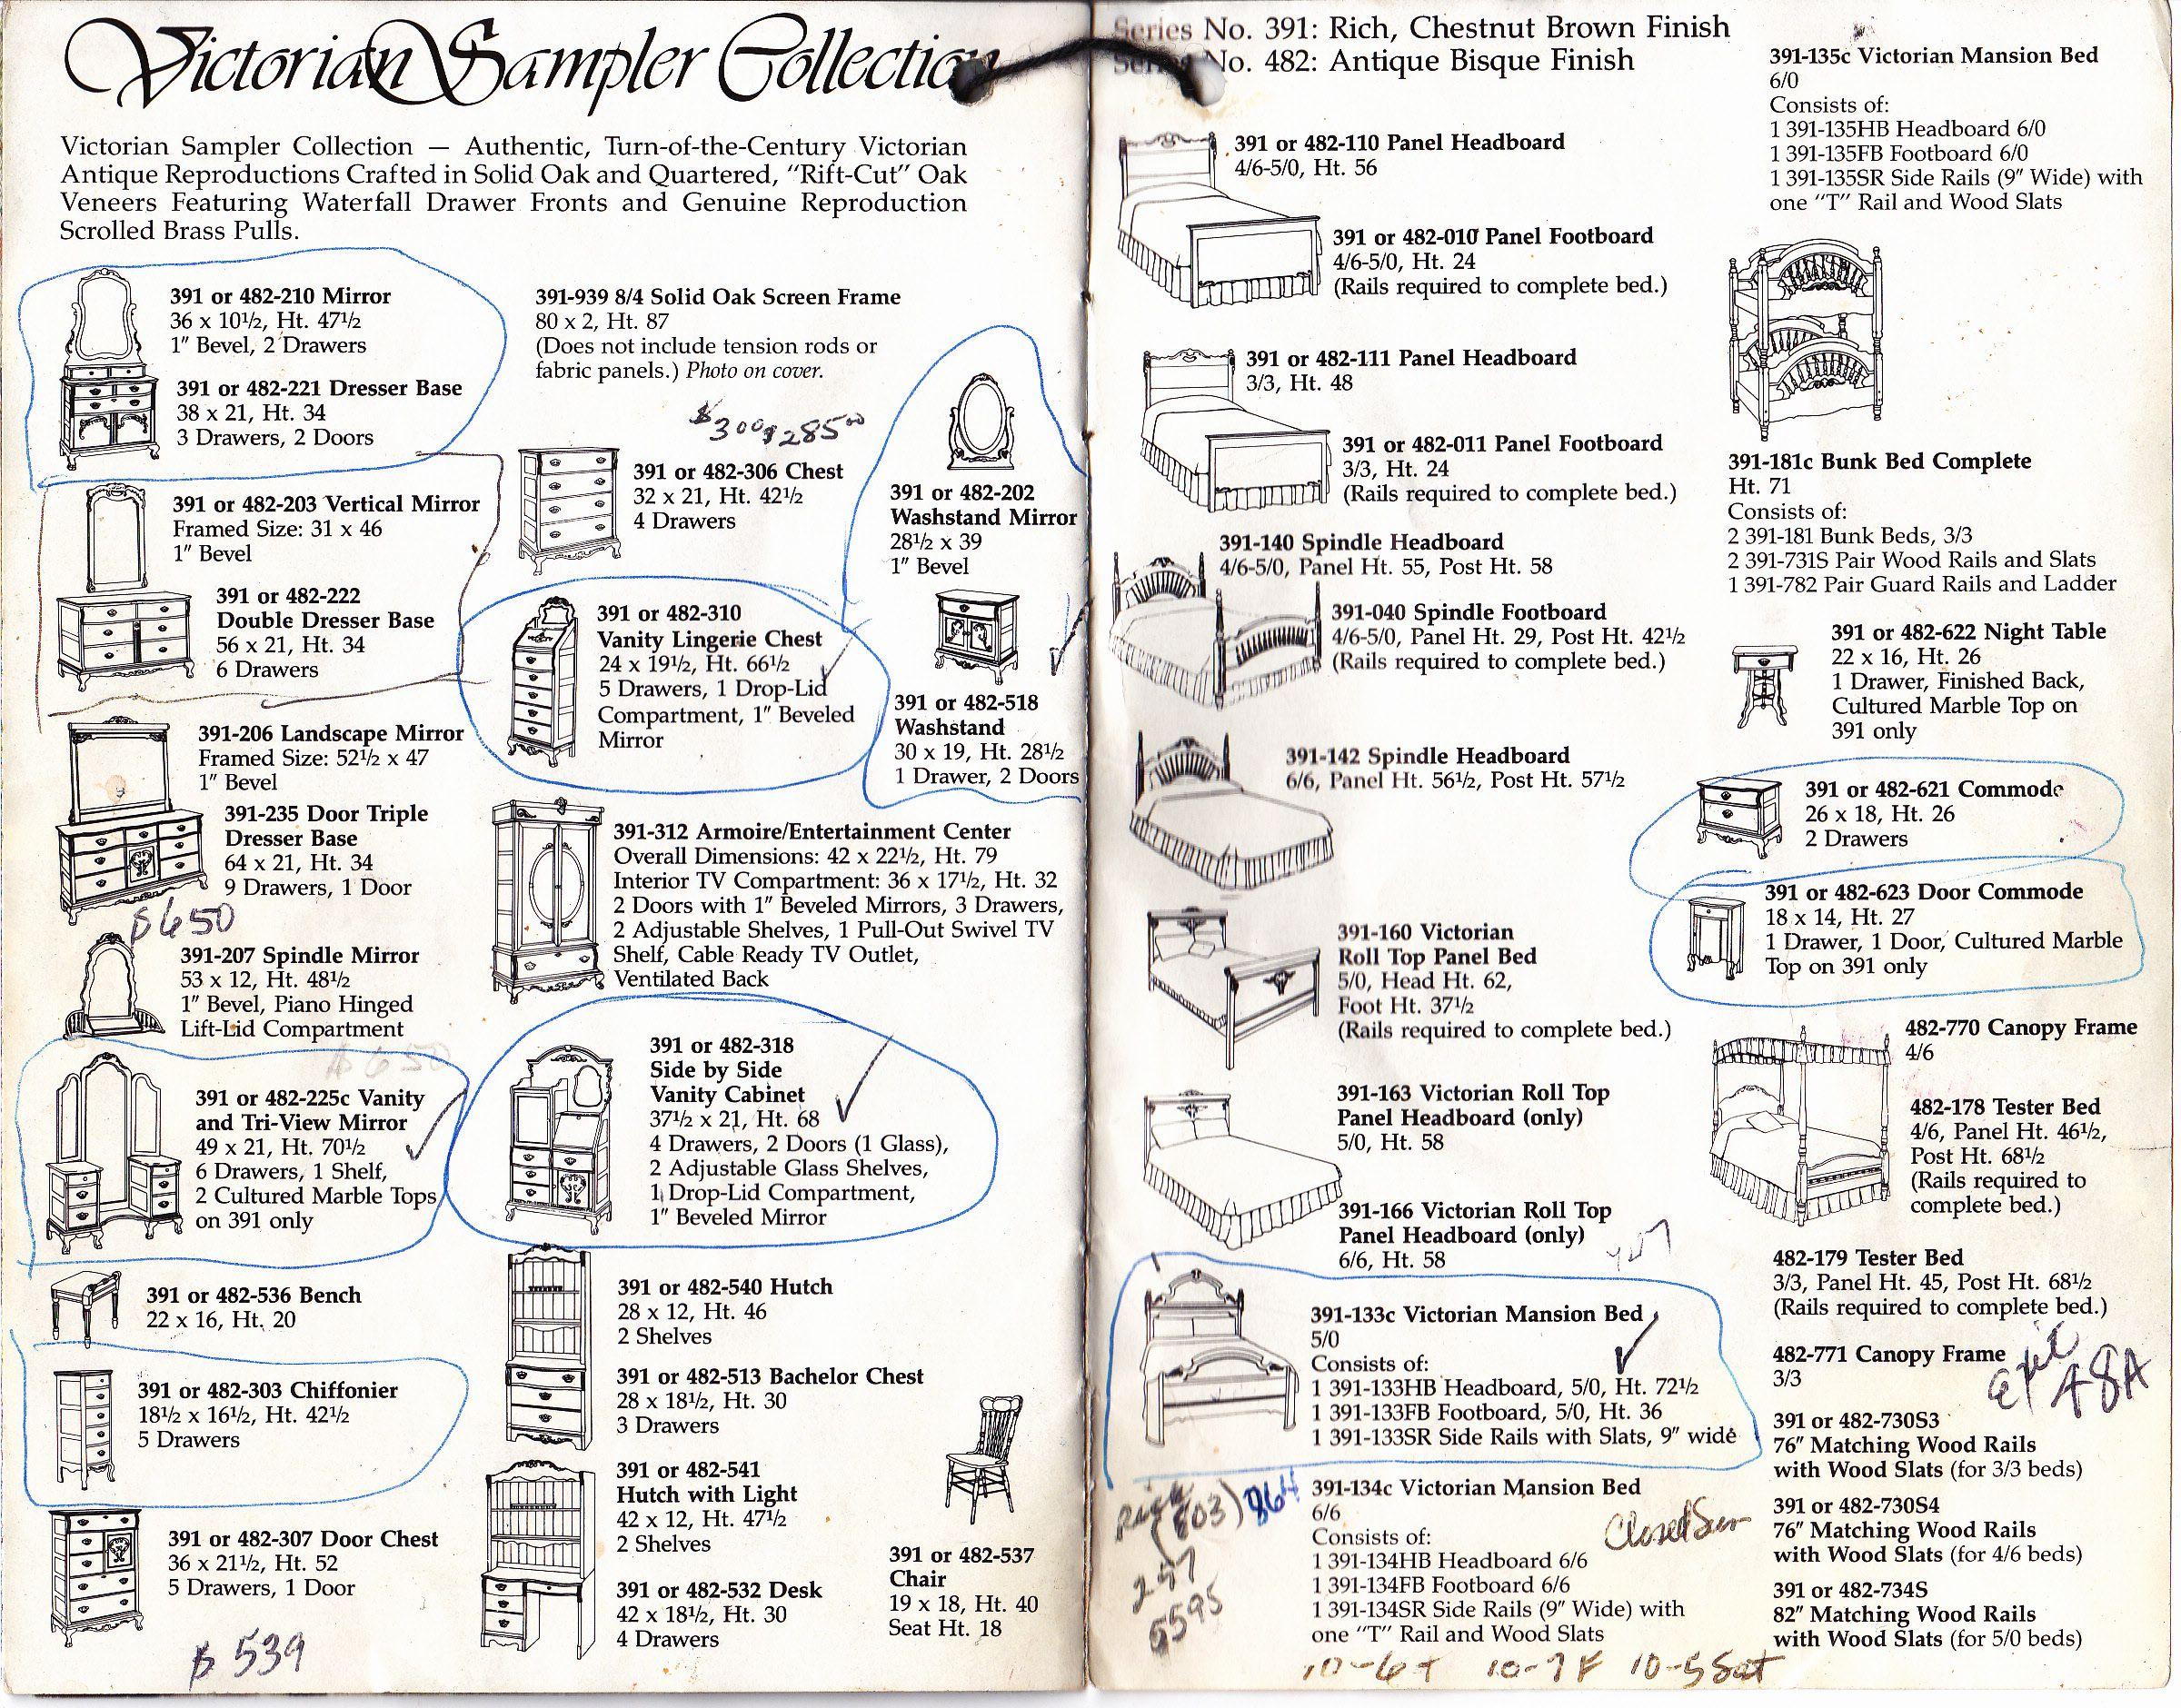 Lexington Victorian Sampler Collection